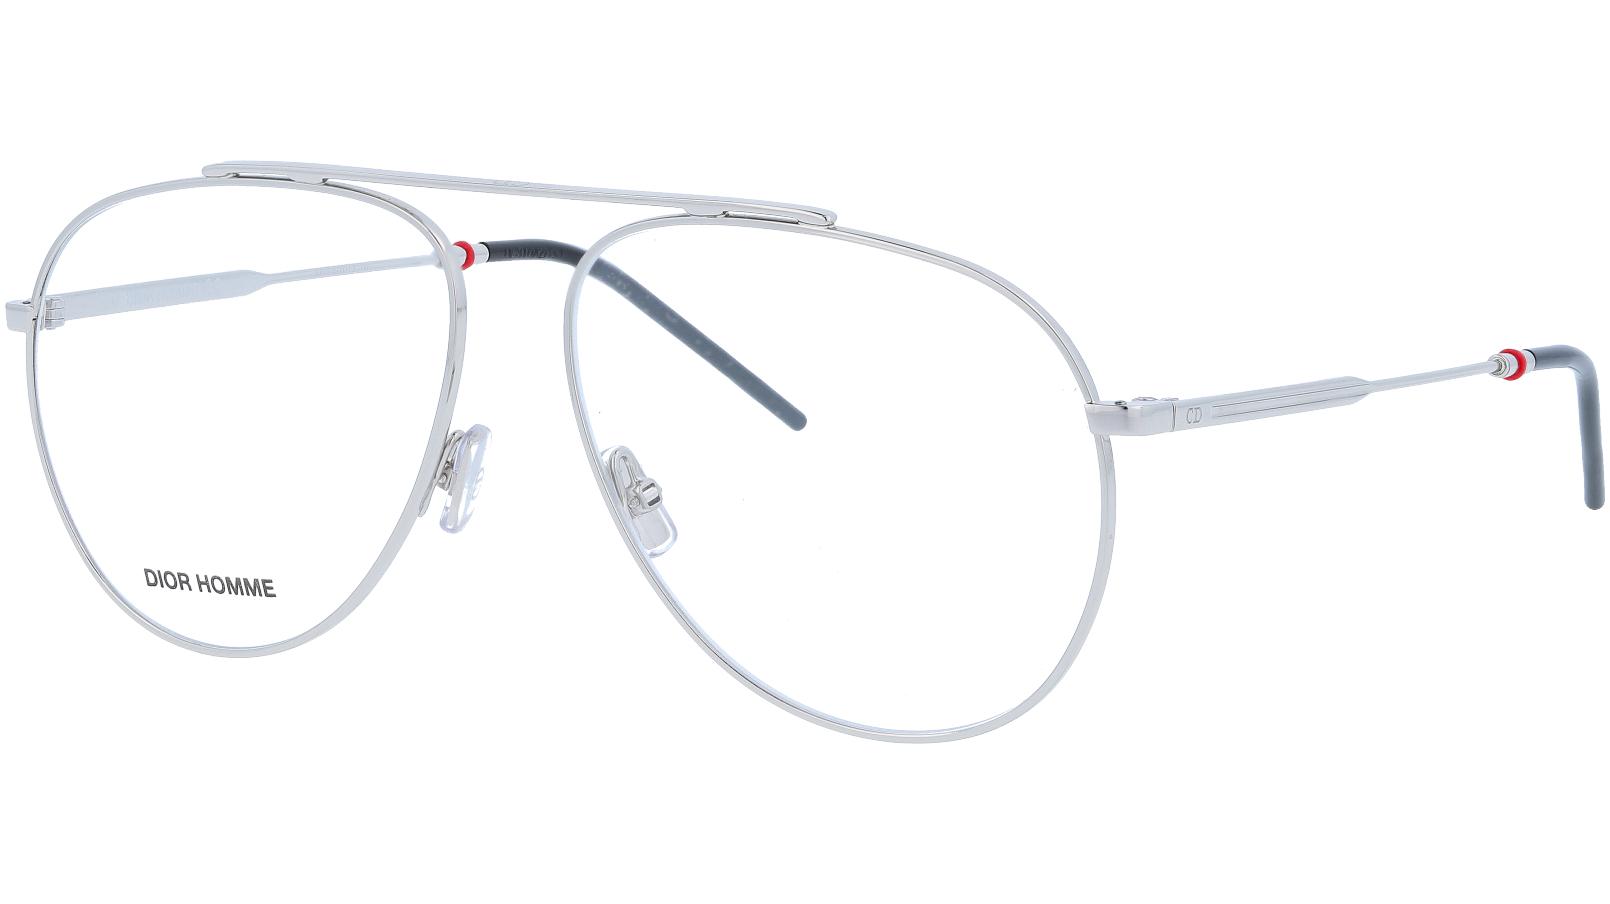 Dior 0221 010 59 Palladium Glasses